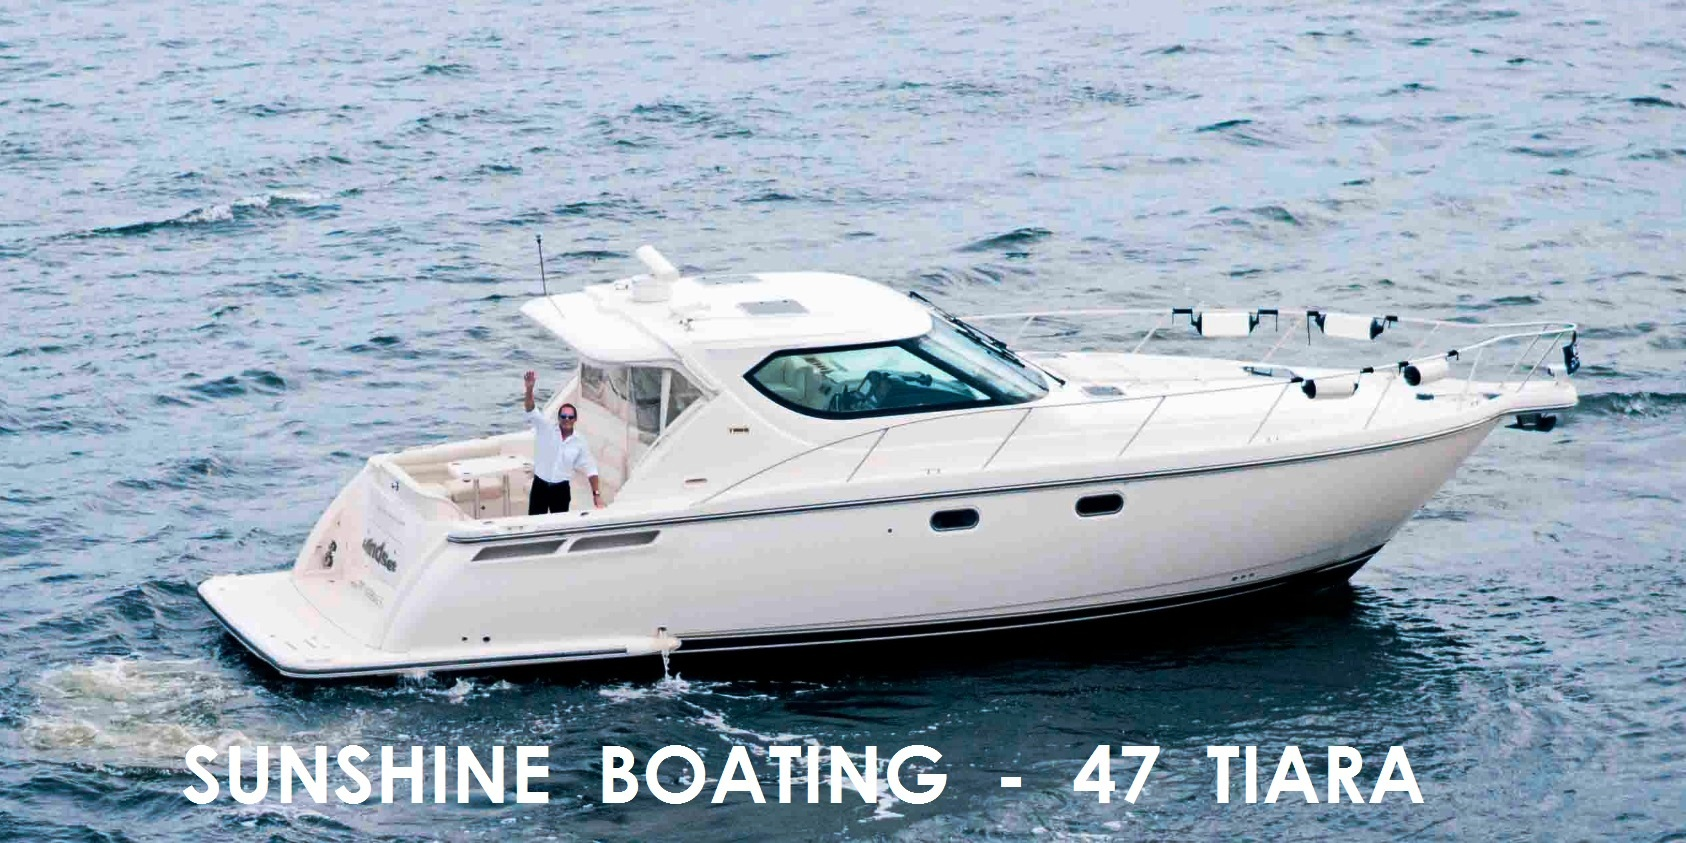 sunshine-boating-47-tiara-8